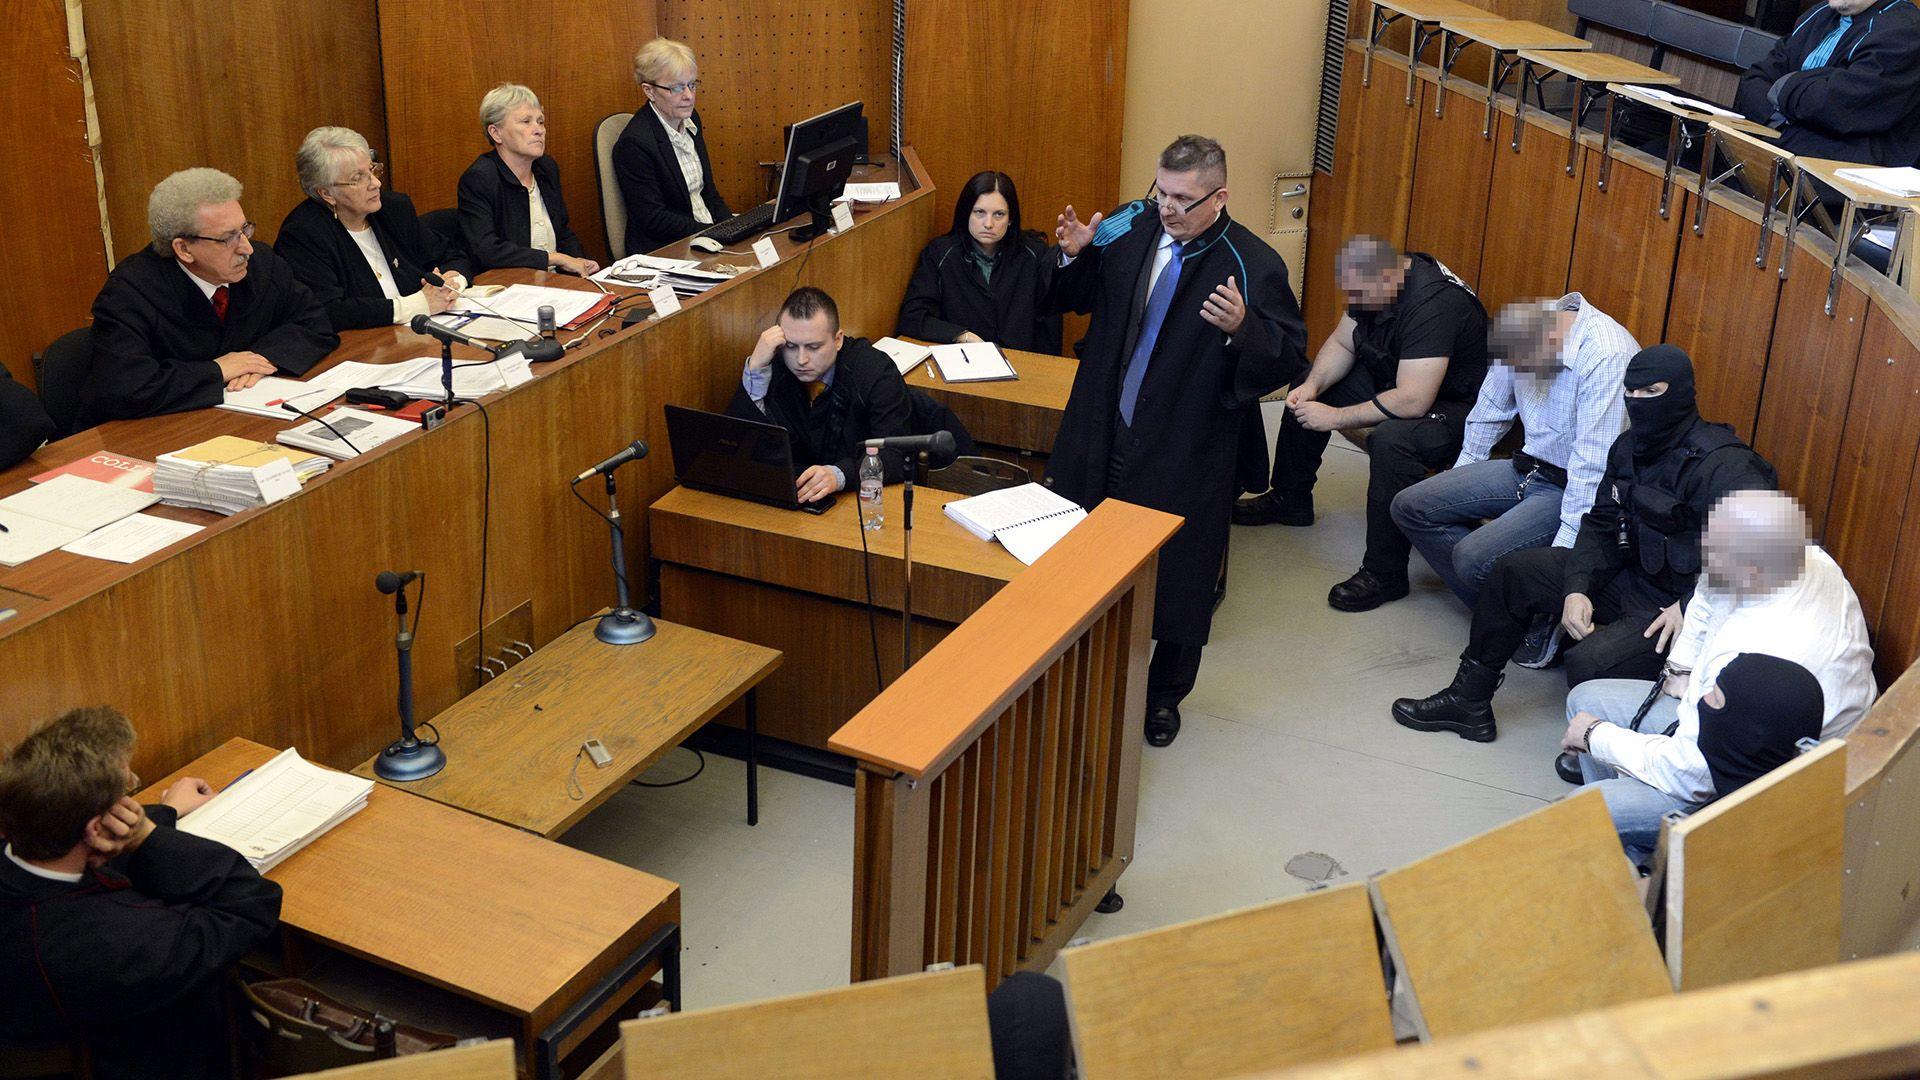 Budapest, 2013. május 24. Bérdi Zsolt, az elsőrendű vádlott ügyvédje (középen) védőbeszédet mond a romák elleni hat halálos áldozatot követelő, 2008-ban és 2009-ben elkövetett fegyveres és Molotov-koktélos támadásokkal vádolt négy férfi büntetőperének tárgyalásán a Budapest Környéki Törvényszék tárgyalótermében 2013. május 24-én. Balról Miszori László tanácsvezető bíró, jobbról P. Zsolt harmadrendű (lent j2) és Cs. István negyedrendű (lent j4) vádlott MTI Fotó: Kovács Tamás